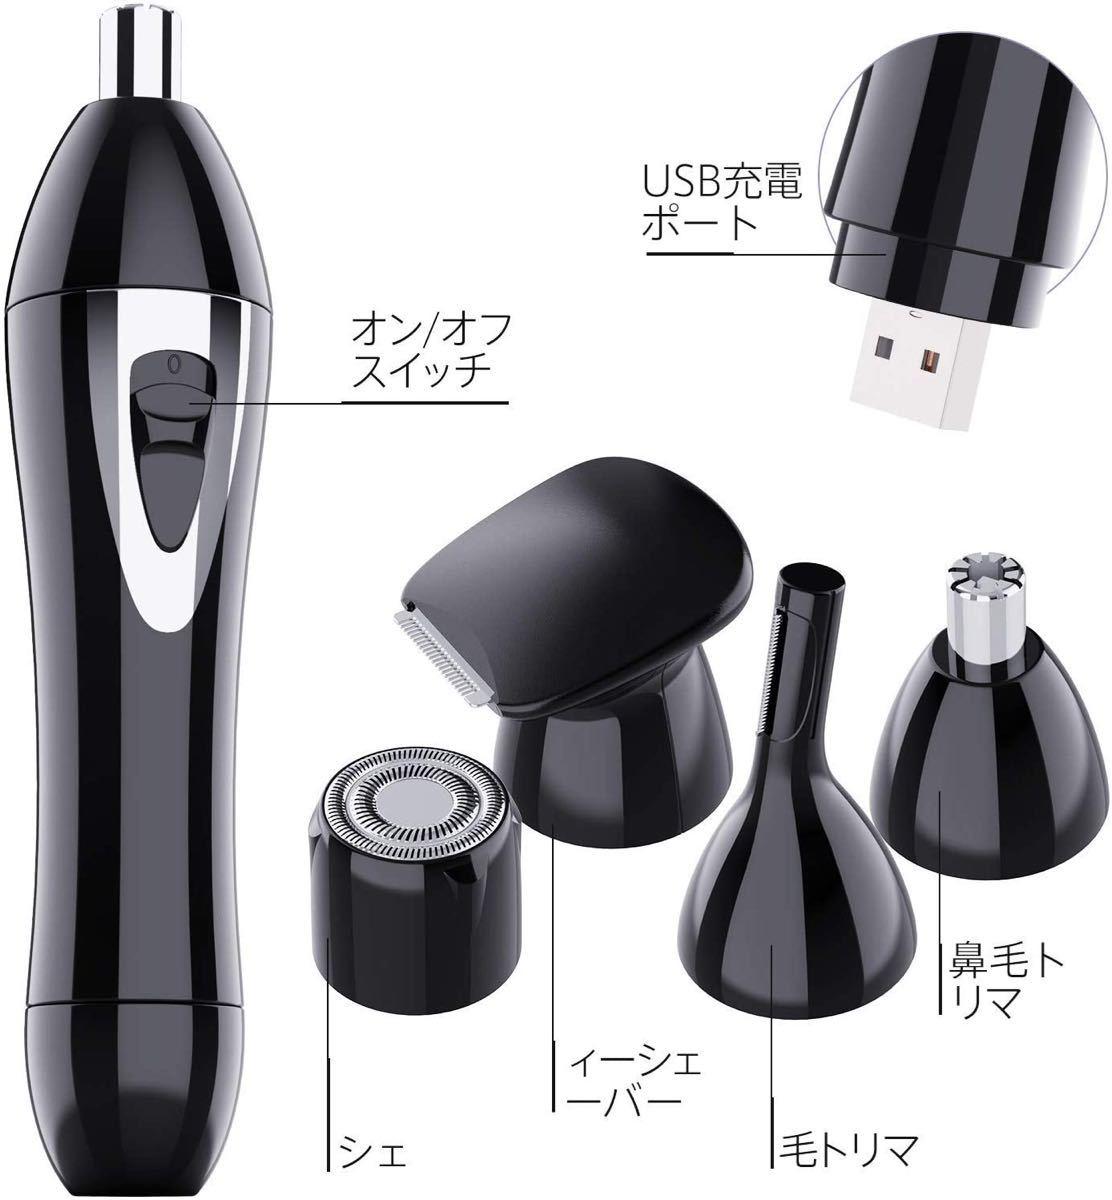 鼻毛カッター 4in1多機能 充電式 メンズ 髭剃り 電気シェーバー